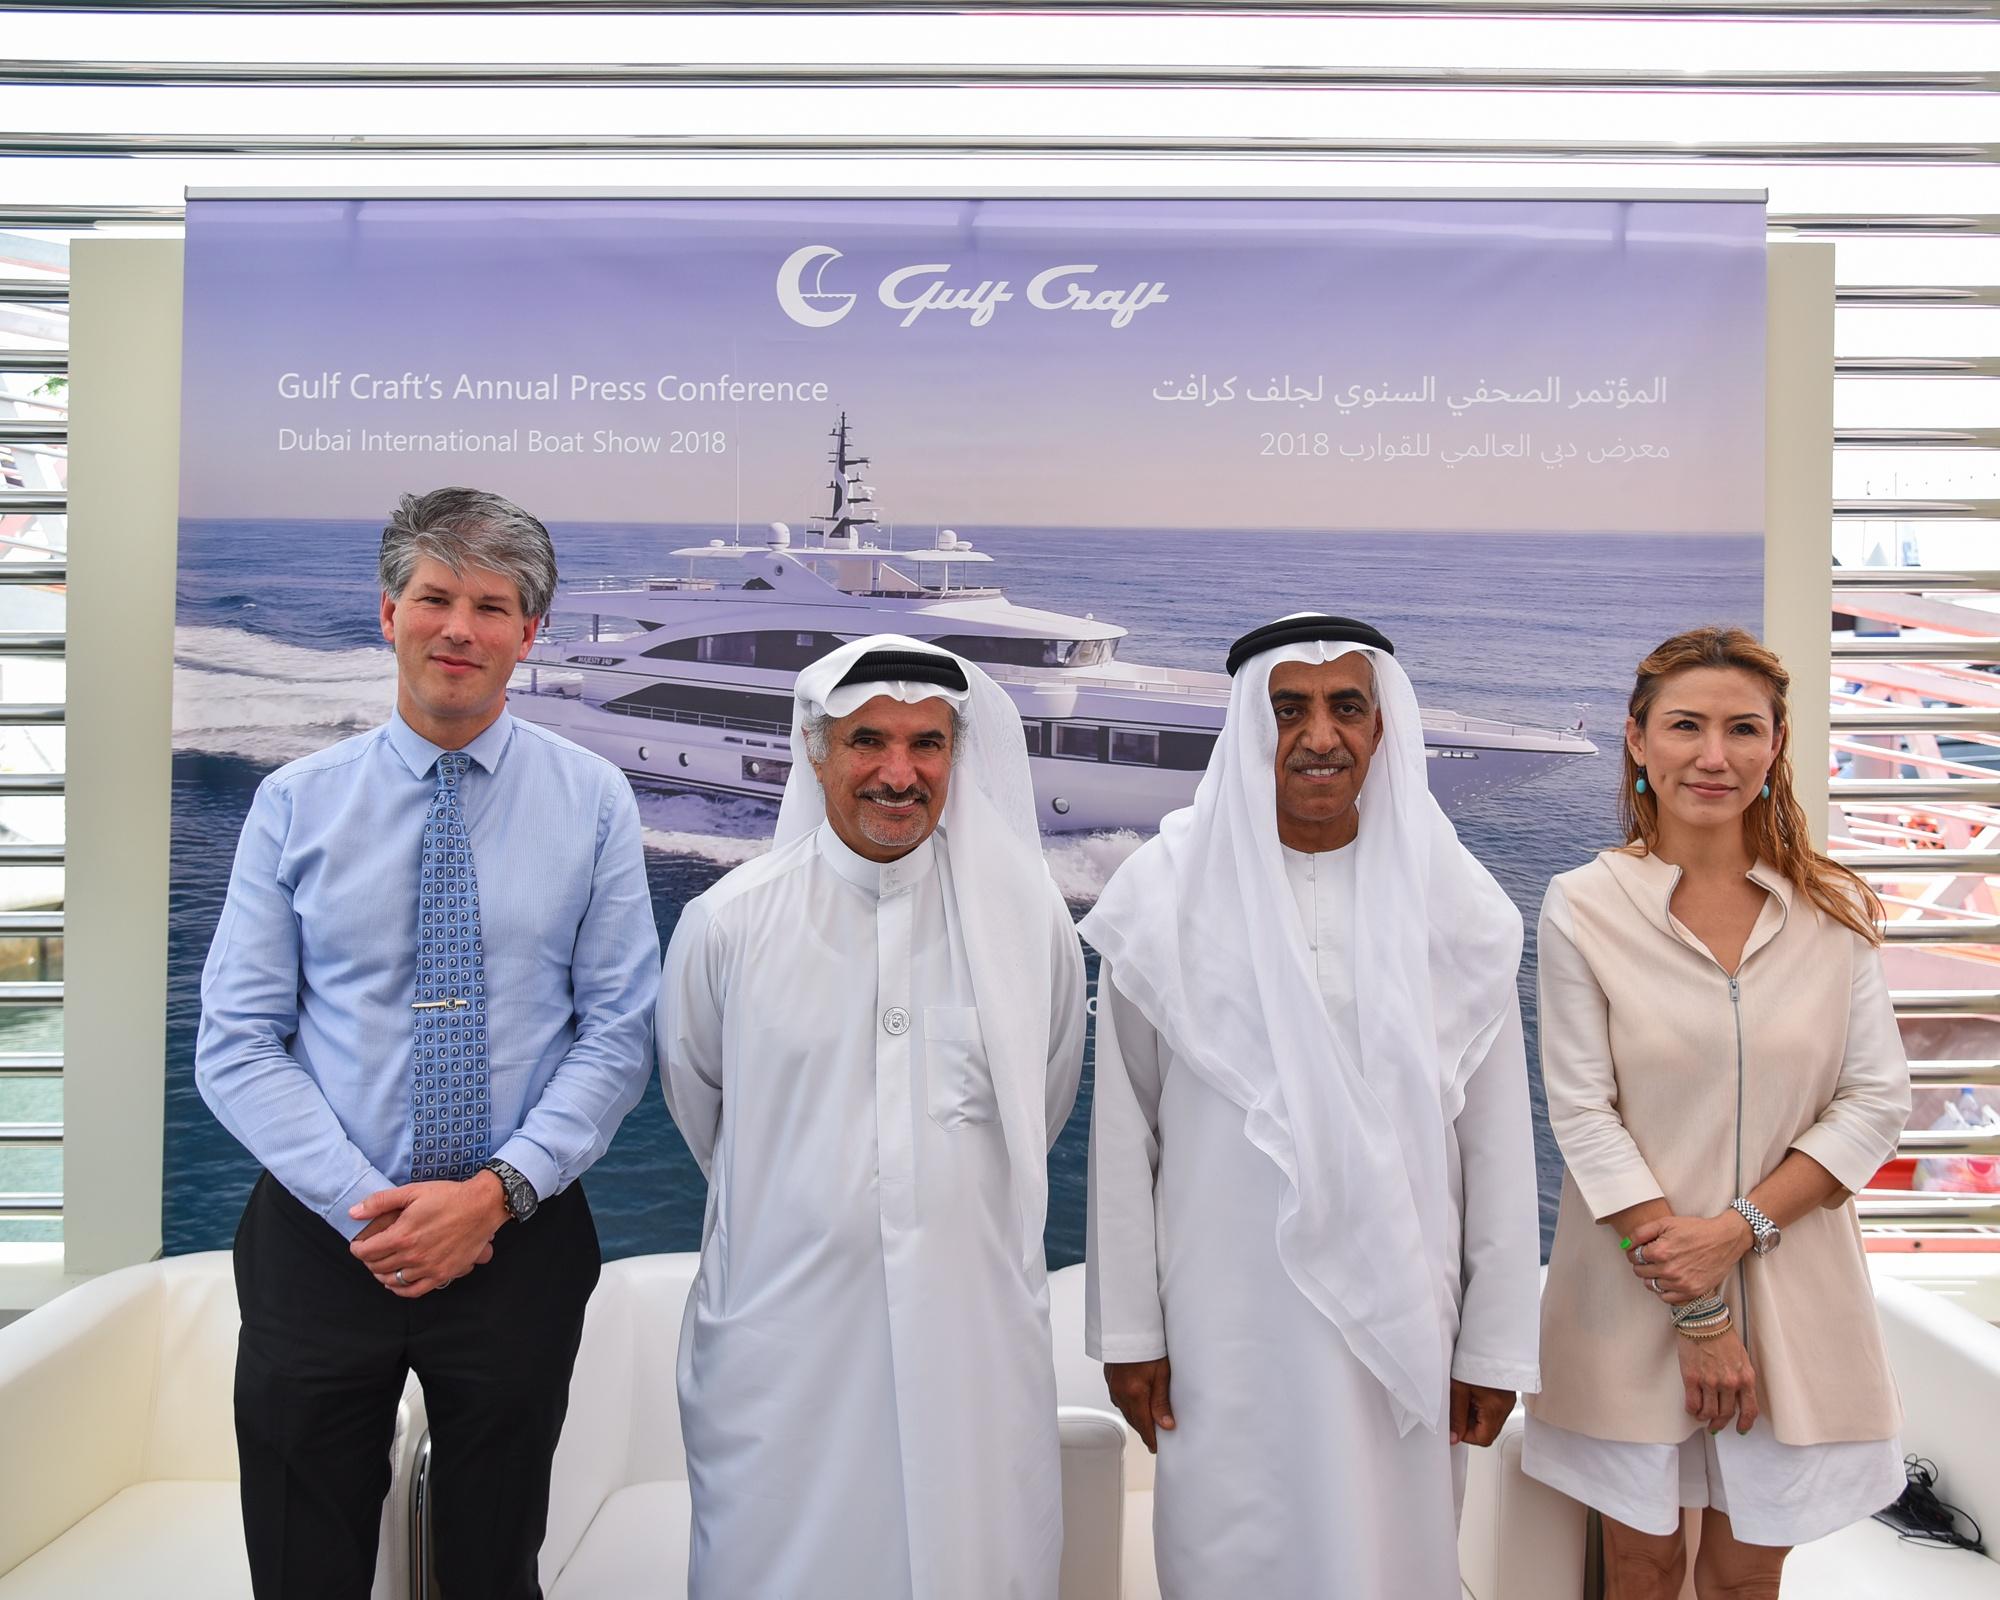 Gulf Craft at the 2018 Dubai Boat Show (2).jpg